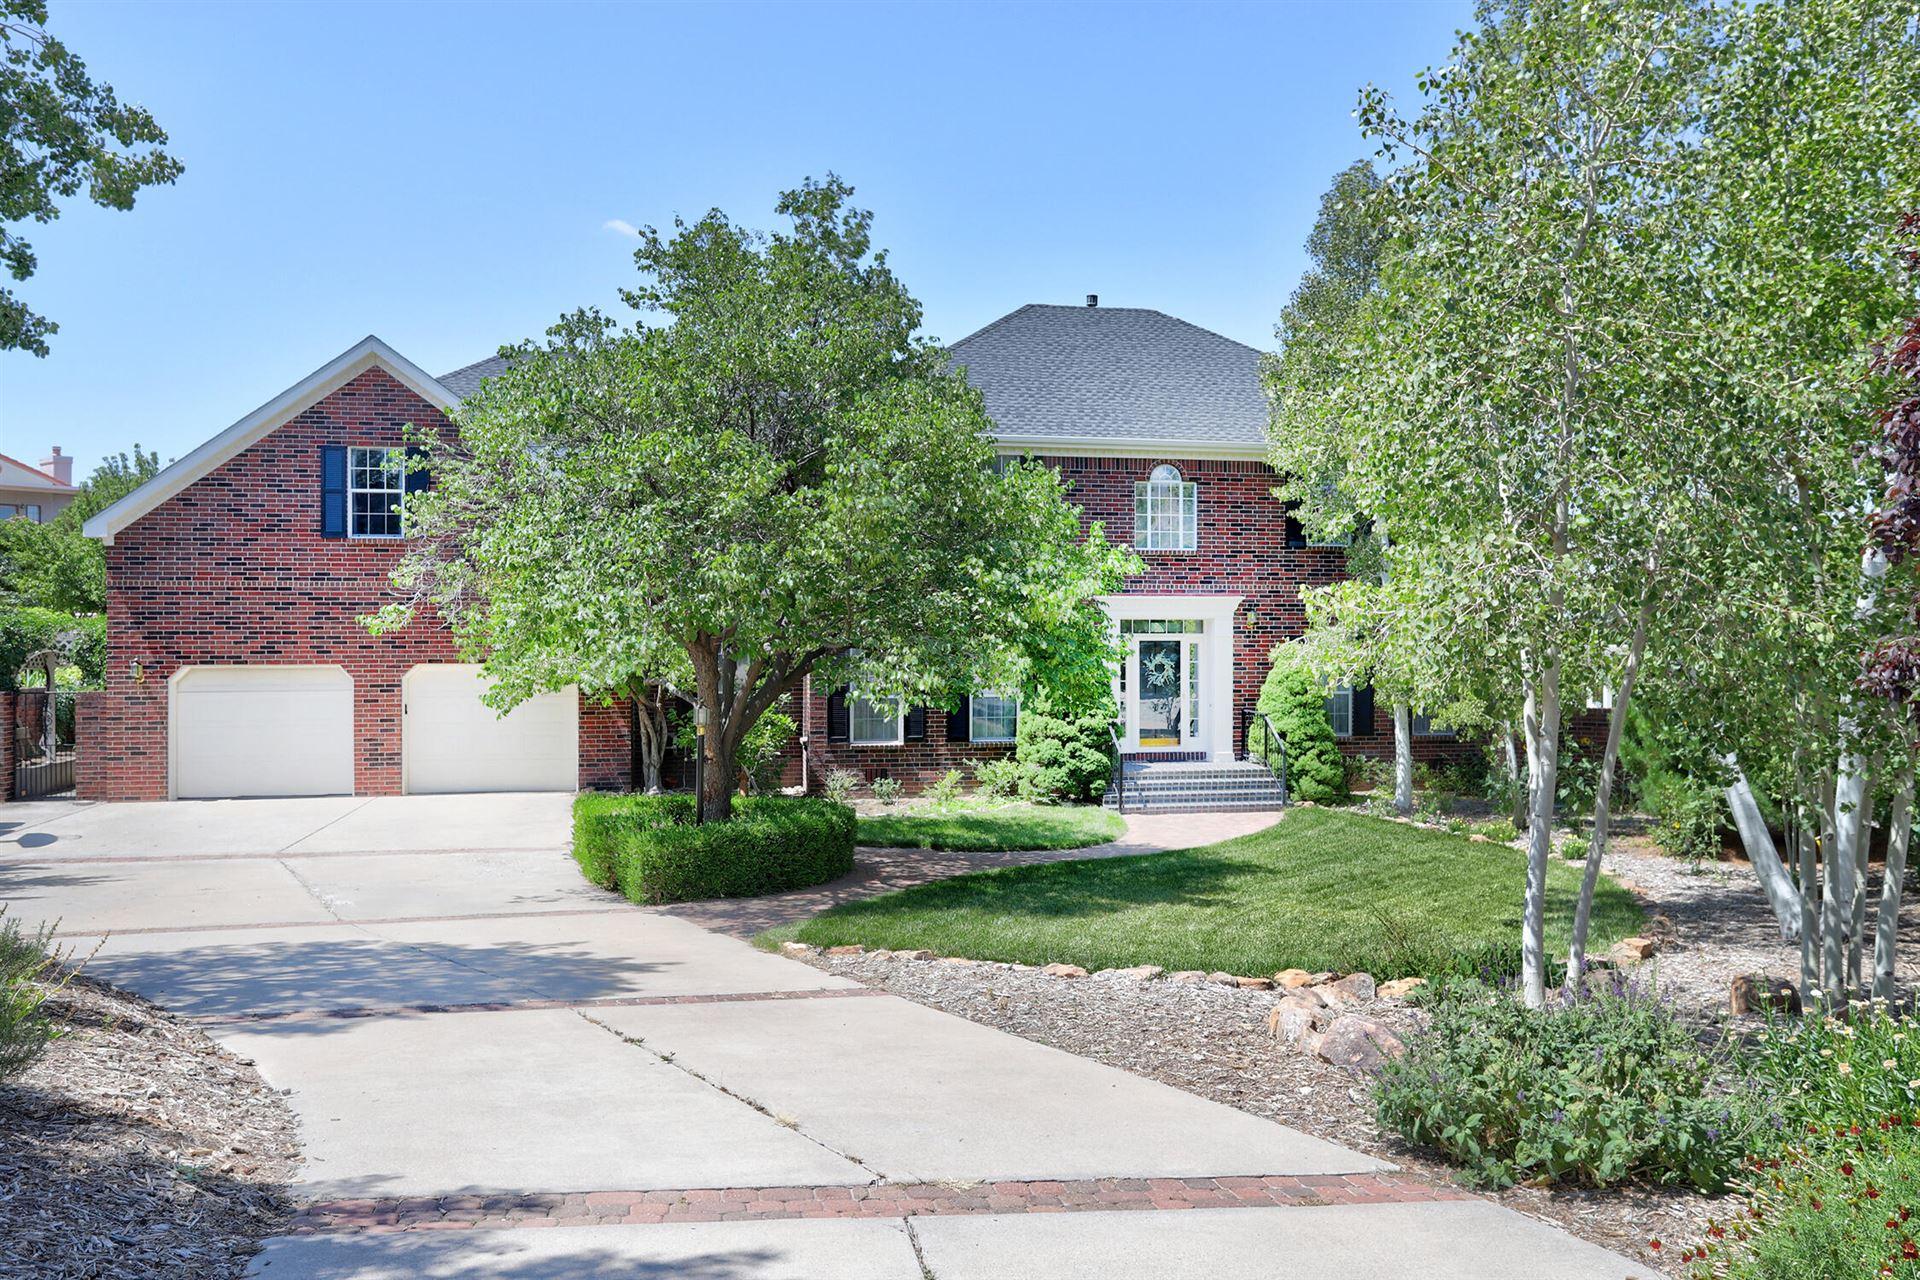 1809 LA CABRA Drive SE, Albuquerque, NM 87123 - MLS#: 998390